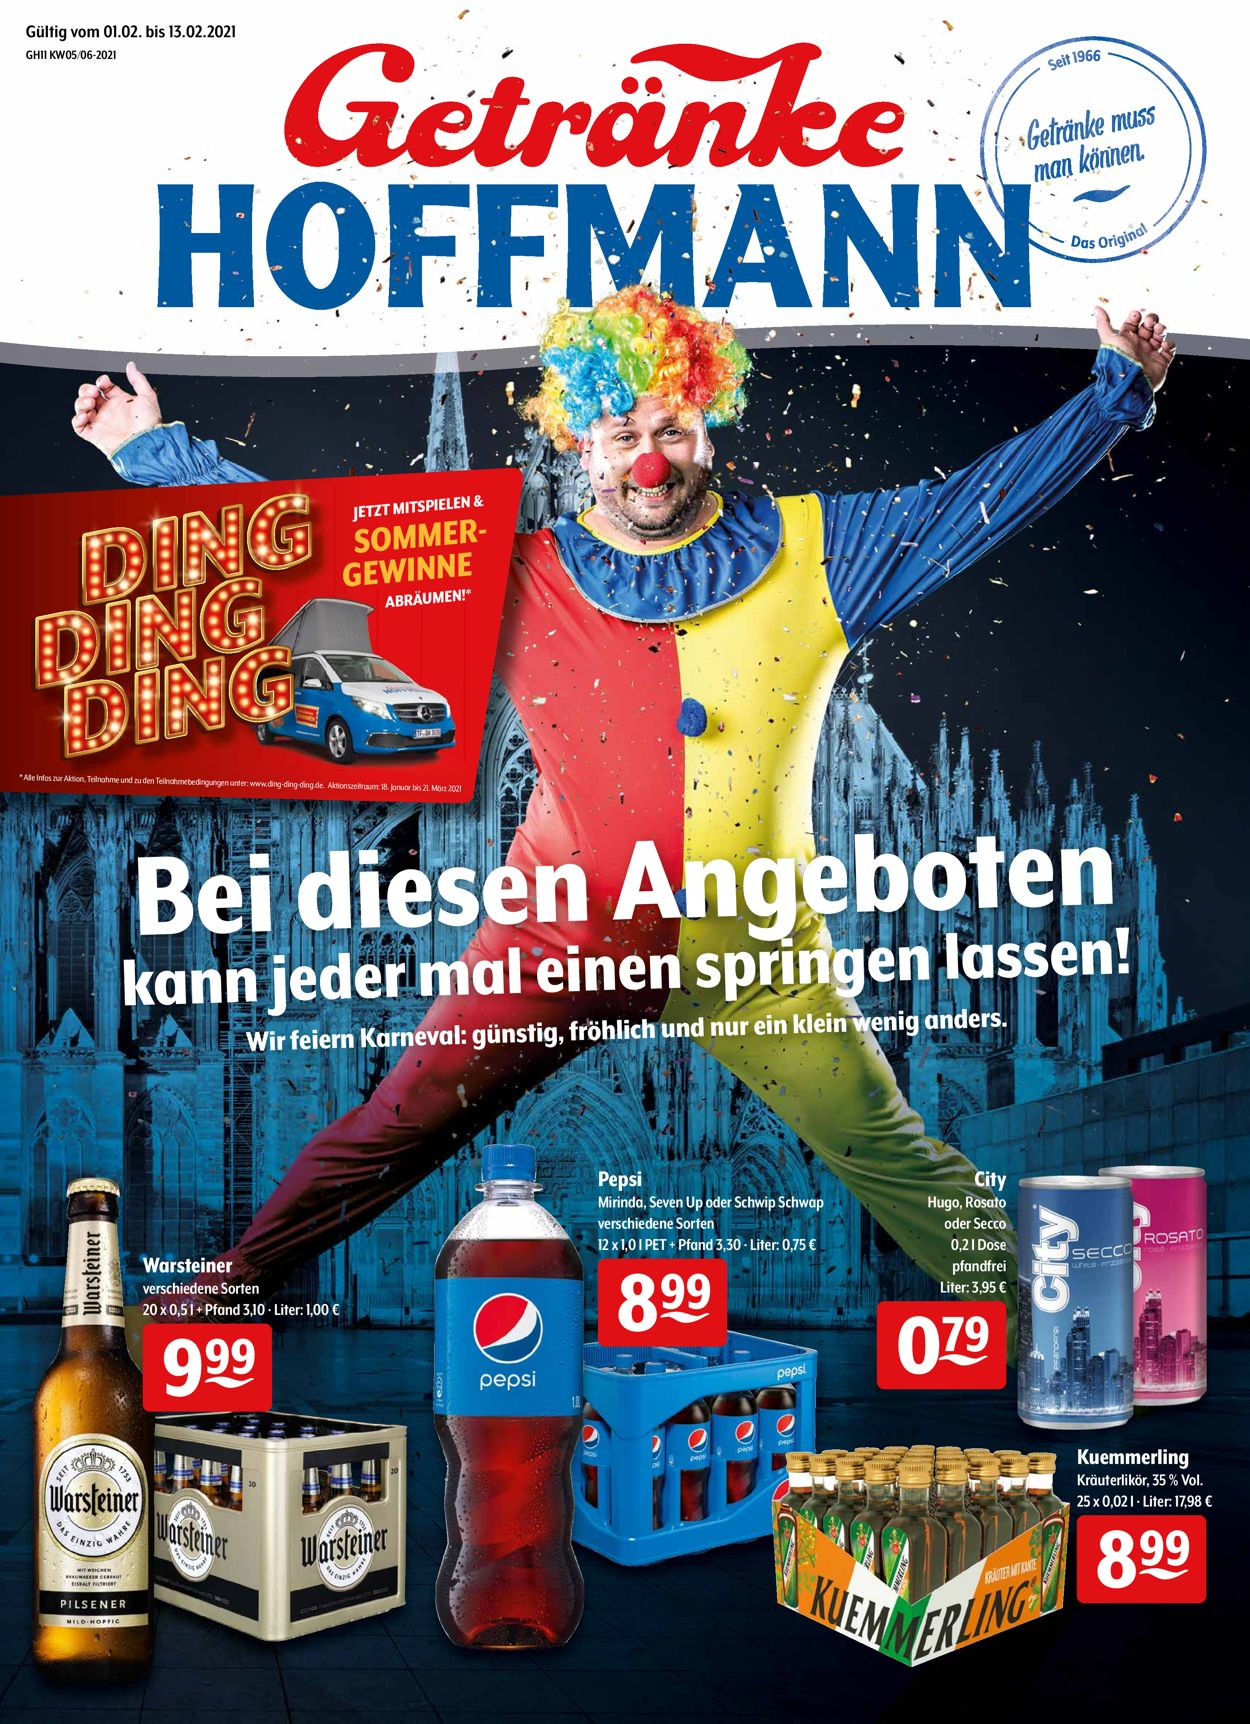 Getränke Hoffmann Prospekt - Aktuell vom 01.02-13.02.2021